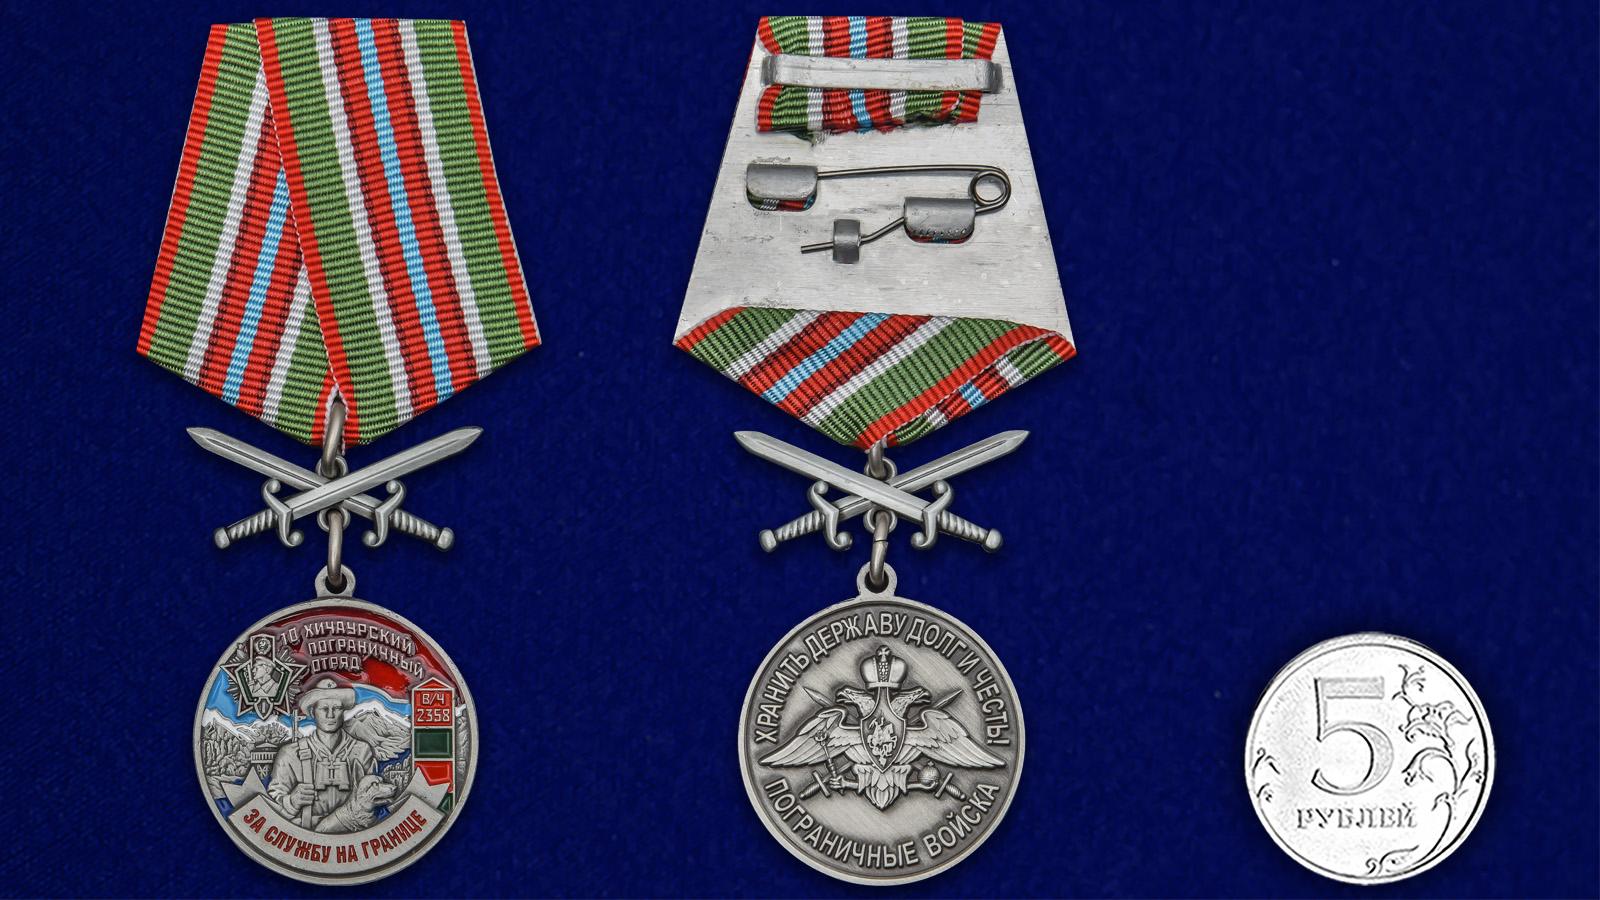 Памятная медаль За службу на границе (10 Хичаурский ПогО) - сравнительный вид